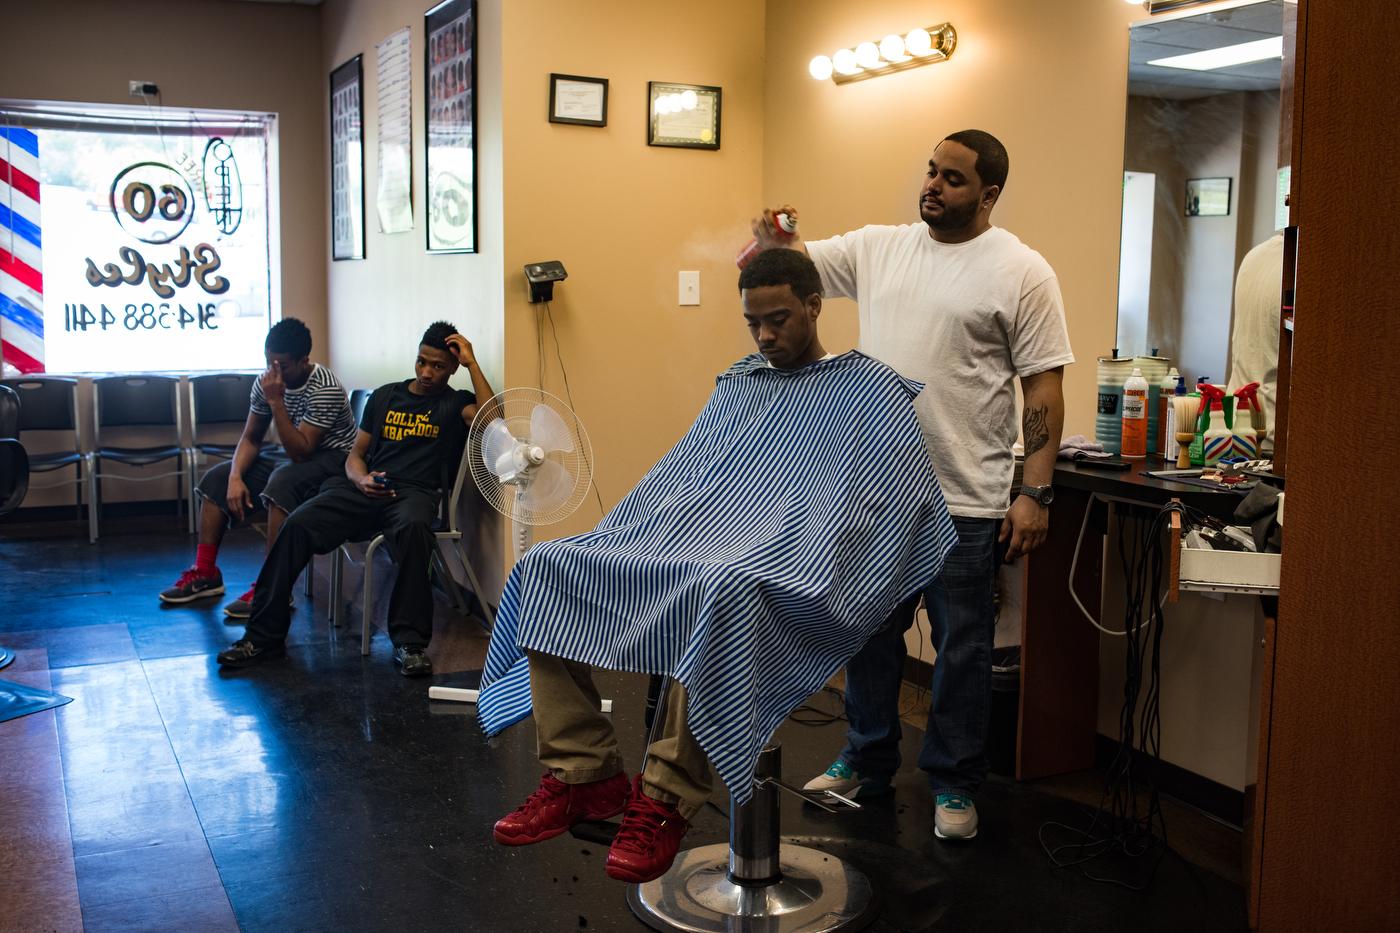 TJ gets a haircut in Ferguson.